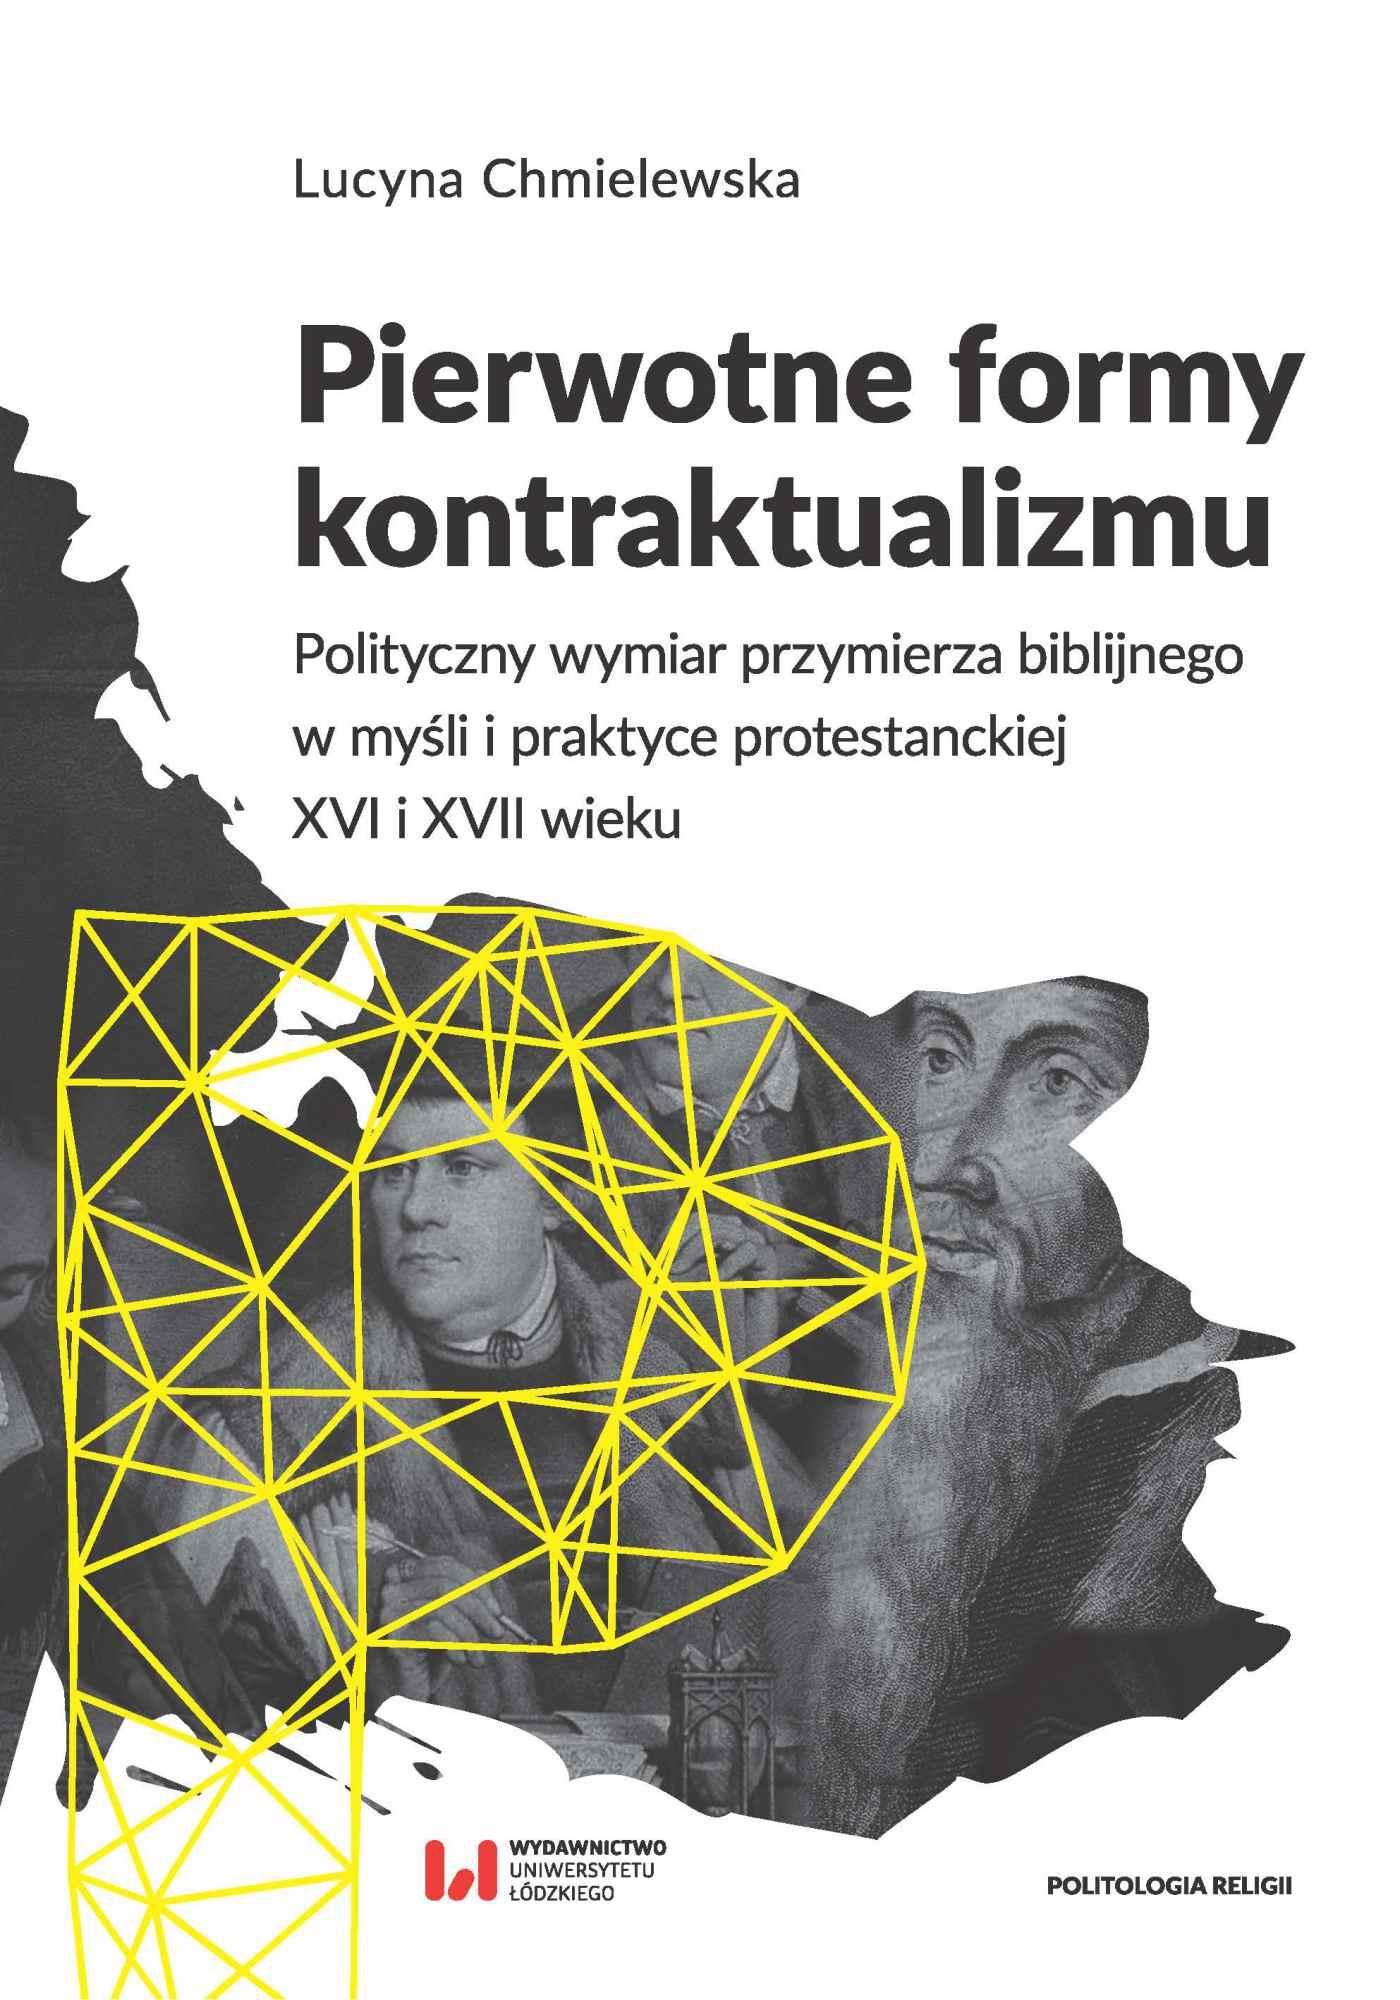 Pierwotne formy kontraktualizmu. Polityczny wymiar przymierza biblijnego w myśli i praktyce protestanckiej XVI i XVII wieku - Ebook (Książka PDF) do pobrania w formacie PDF